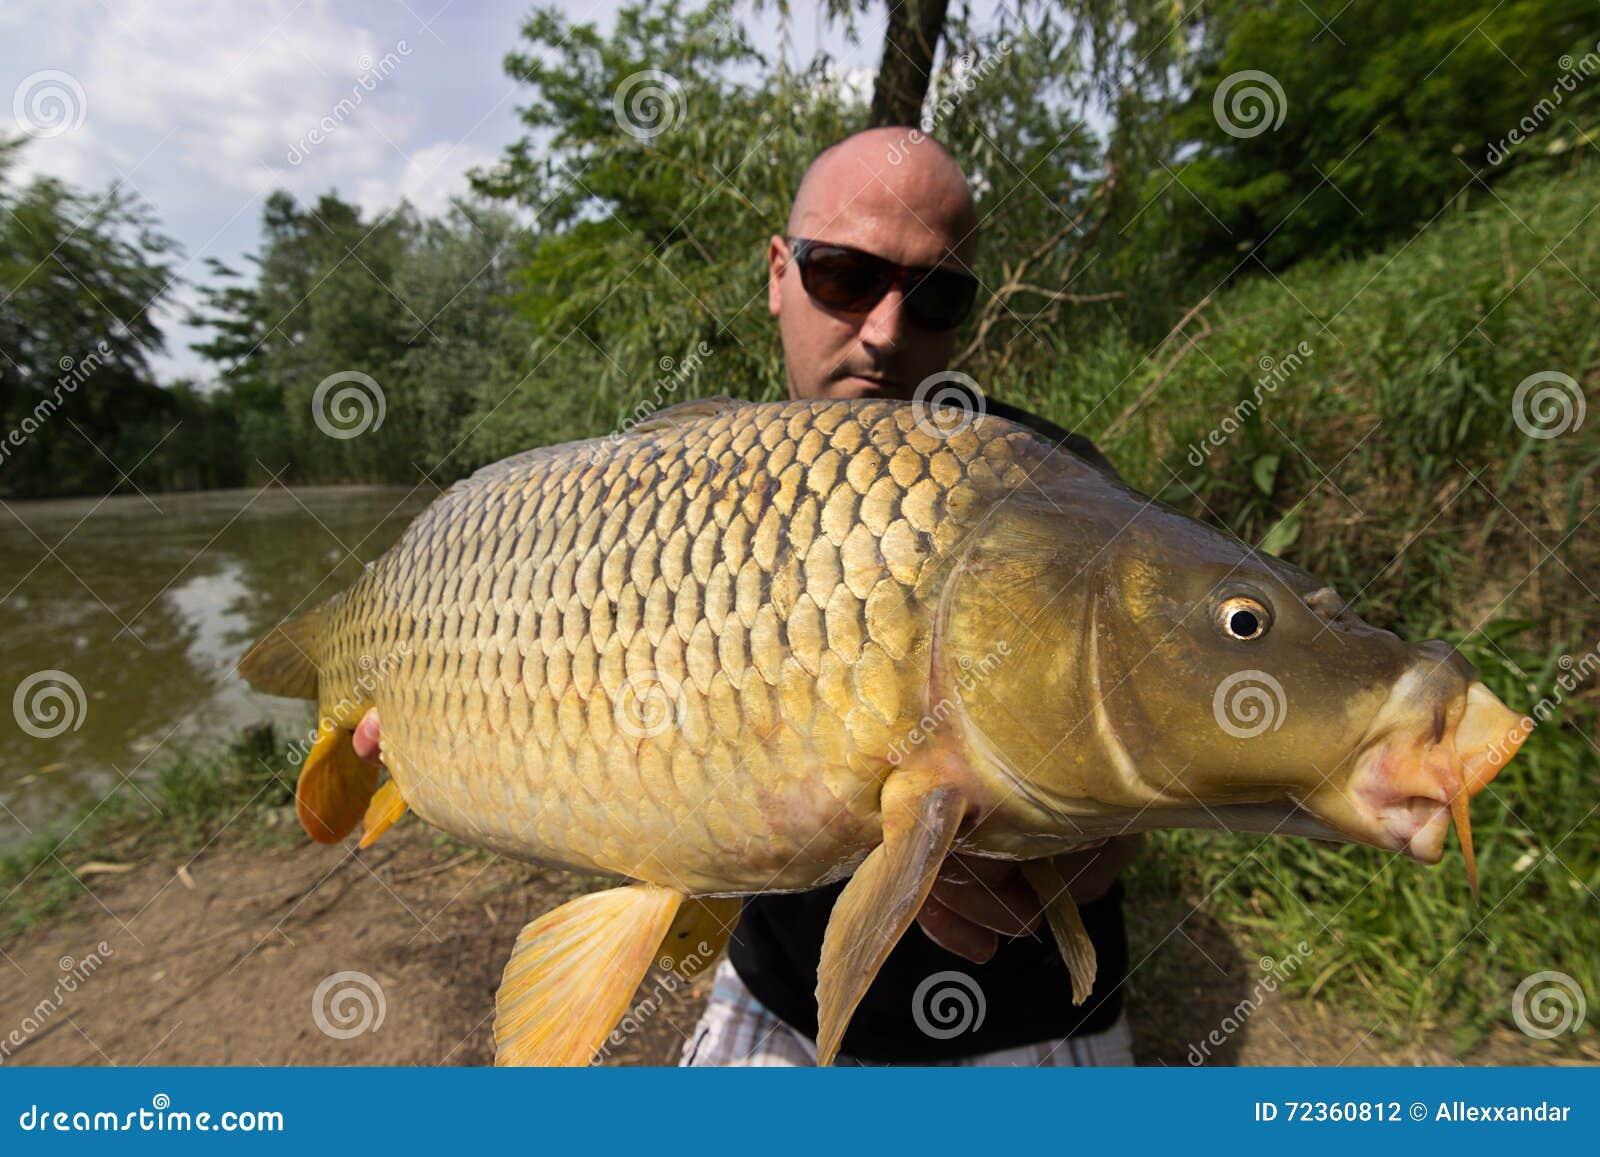 鲤鱼和渔夫,鲤鱼渔战利品